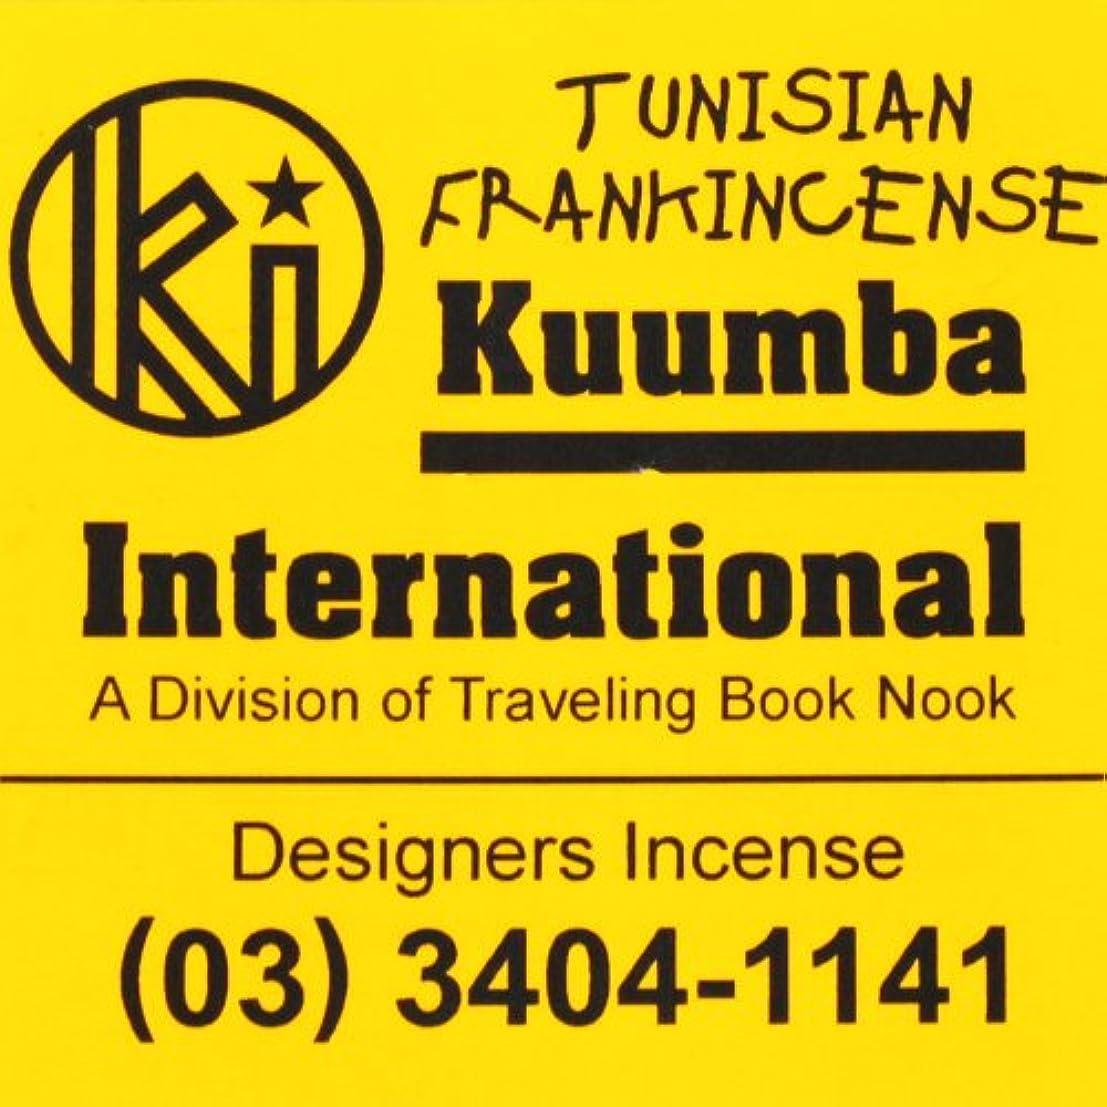 操作可能オペラたらい(クンバ) KUUMBA『classic regular incense』(TUNISIAN FRANKINCENSE) (Regular size)